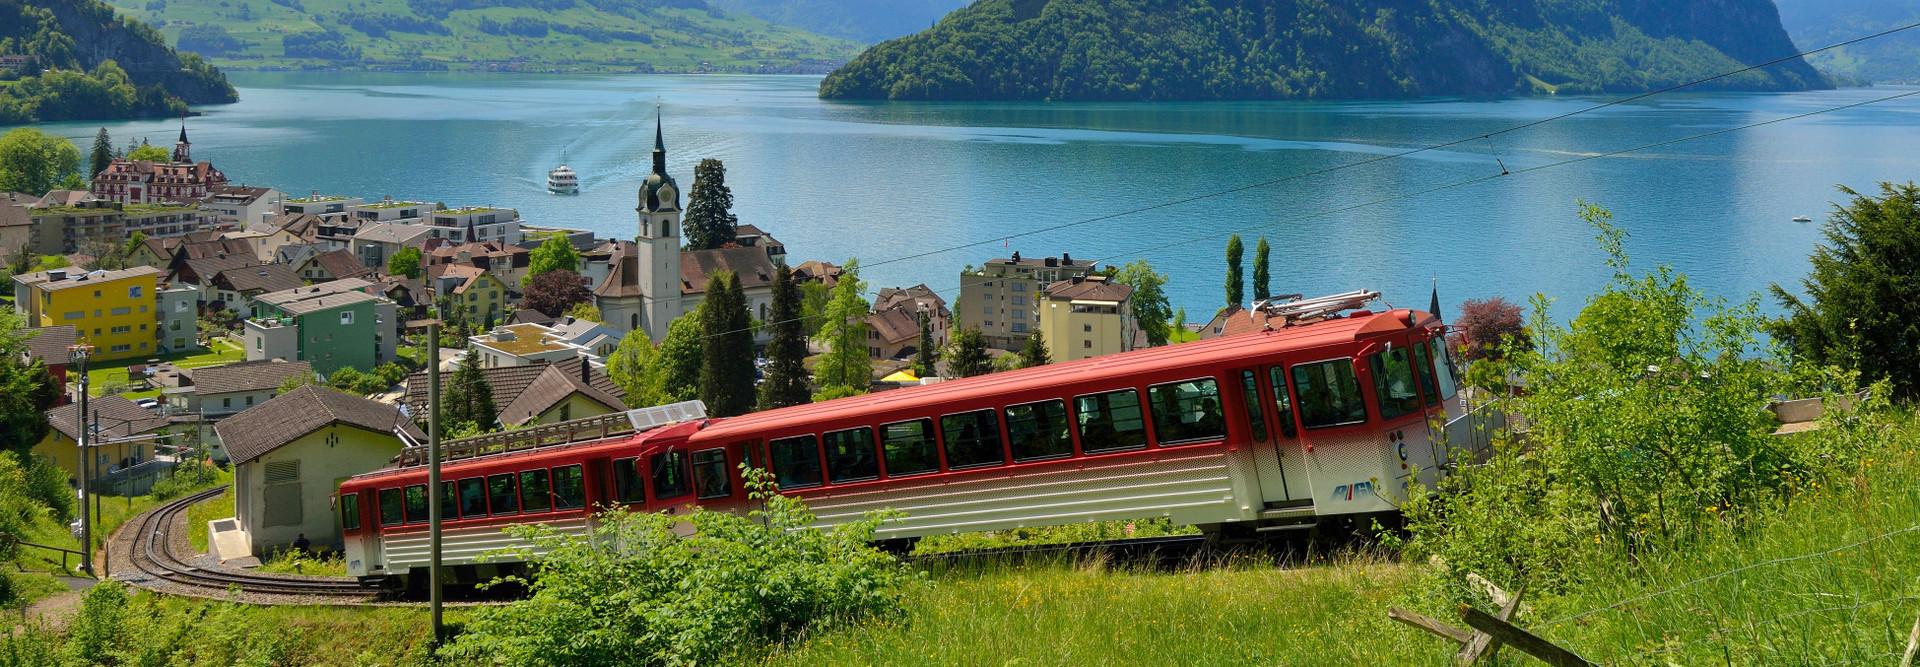 The Rigi rack railway leaves the station Vitznau.